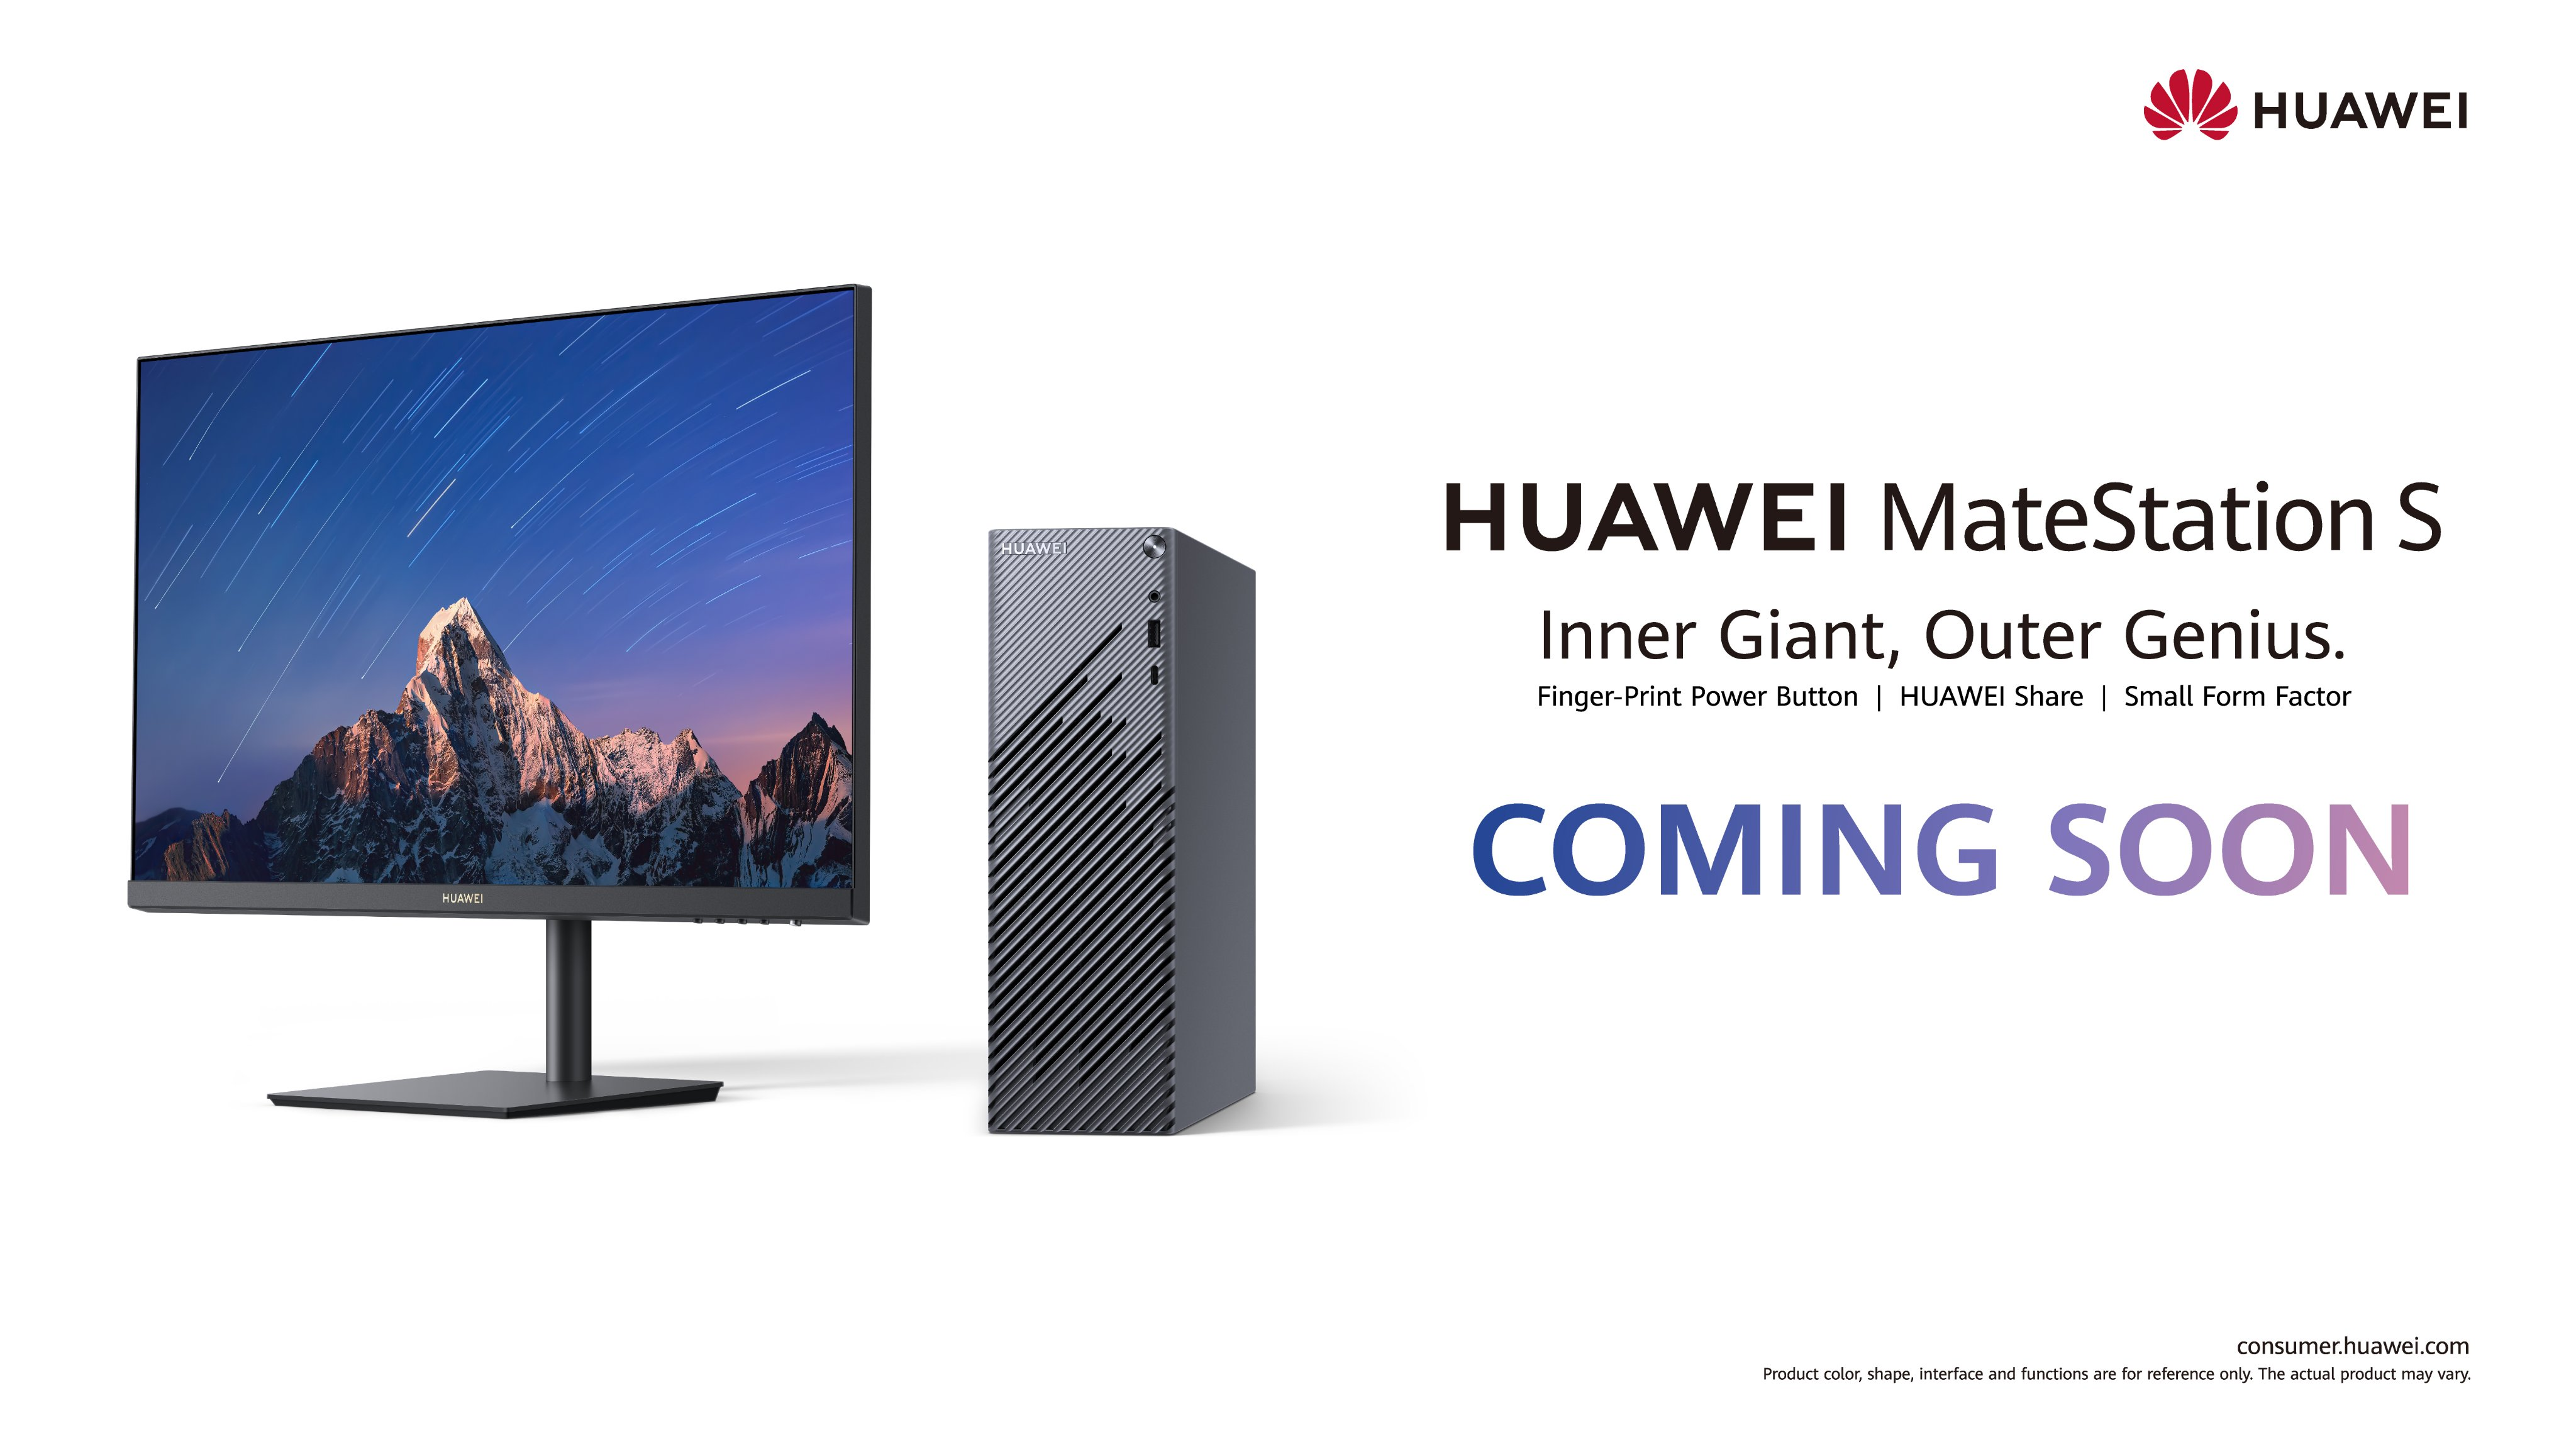 Официально: настольный компьютер Huawei MateStation S будет продаваться на глобальном рынке